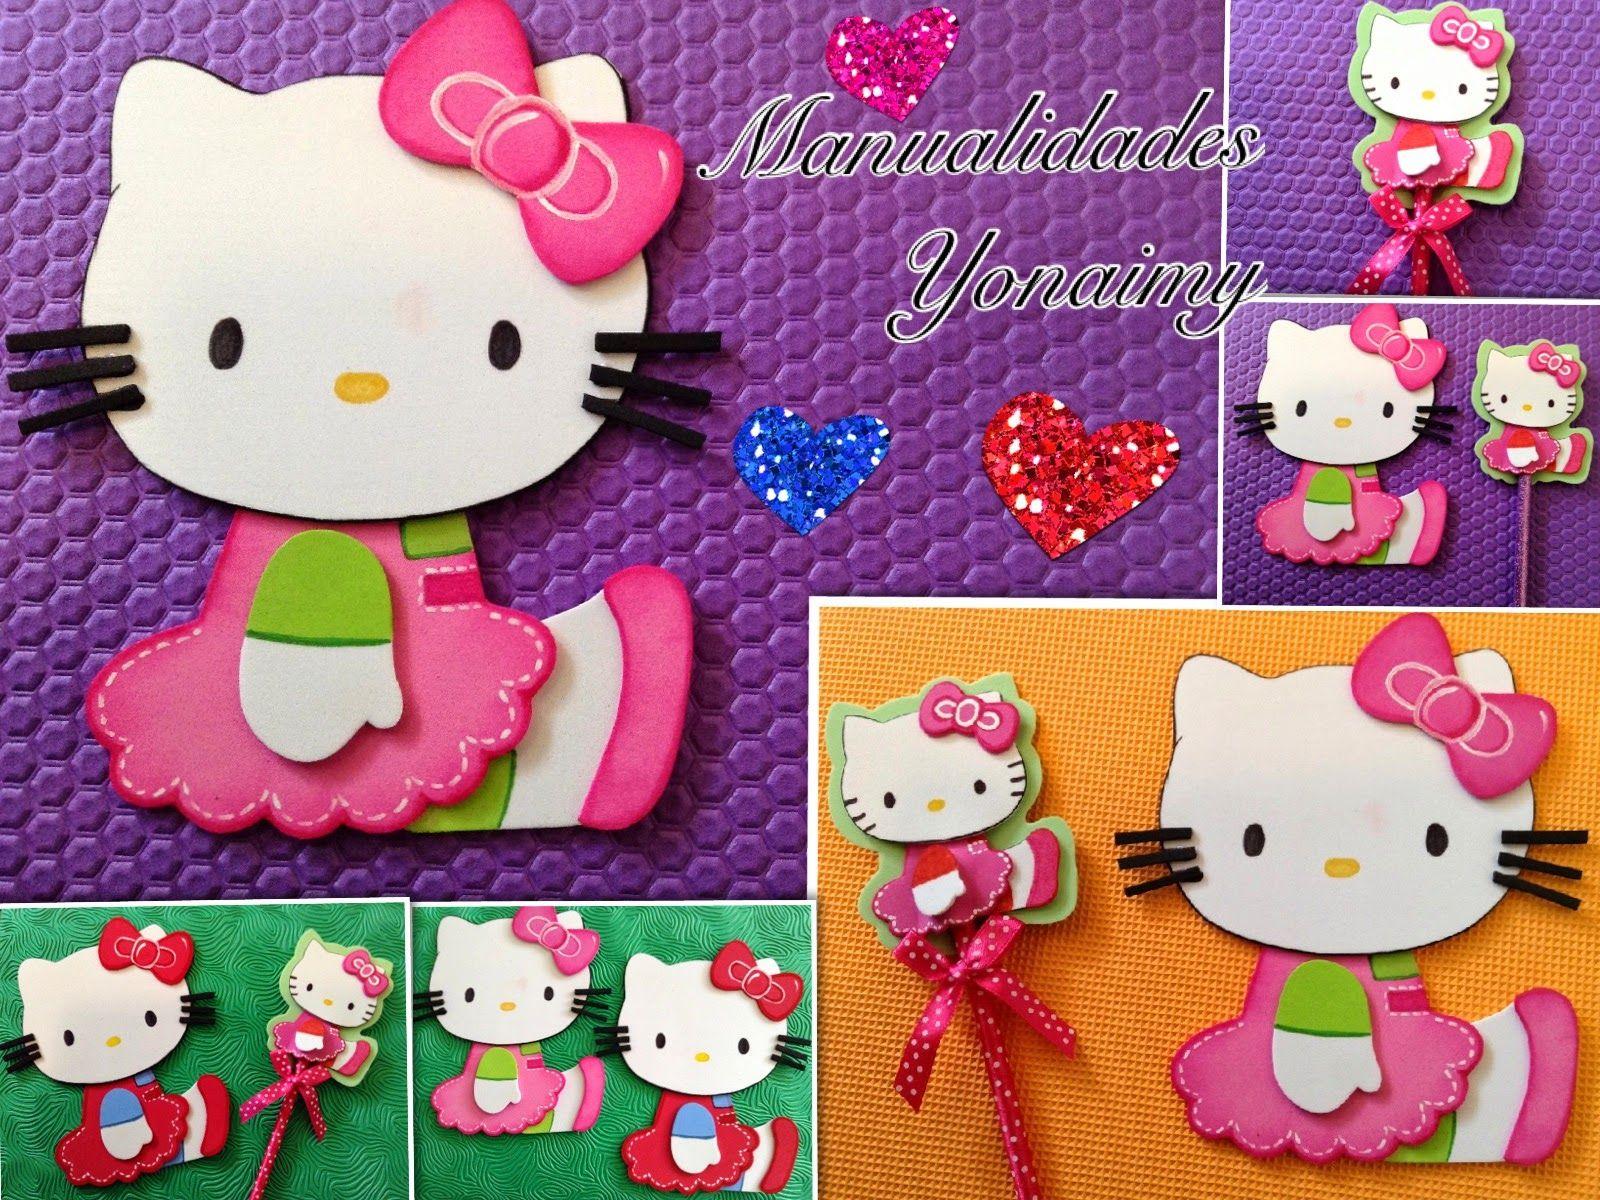 Scrapbook ideas hello kitty - Manualidades Yonaimy Hello Kitty De Foamy O Goma Eva Para Adornar